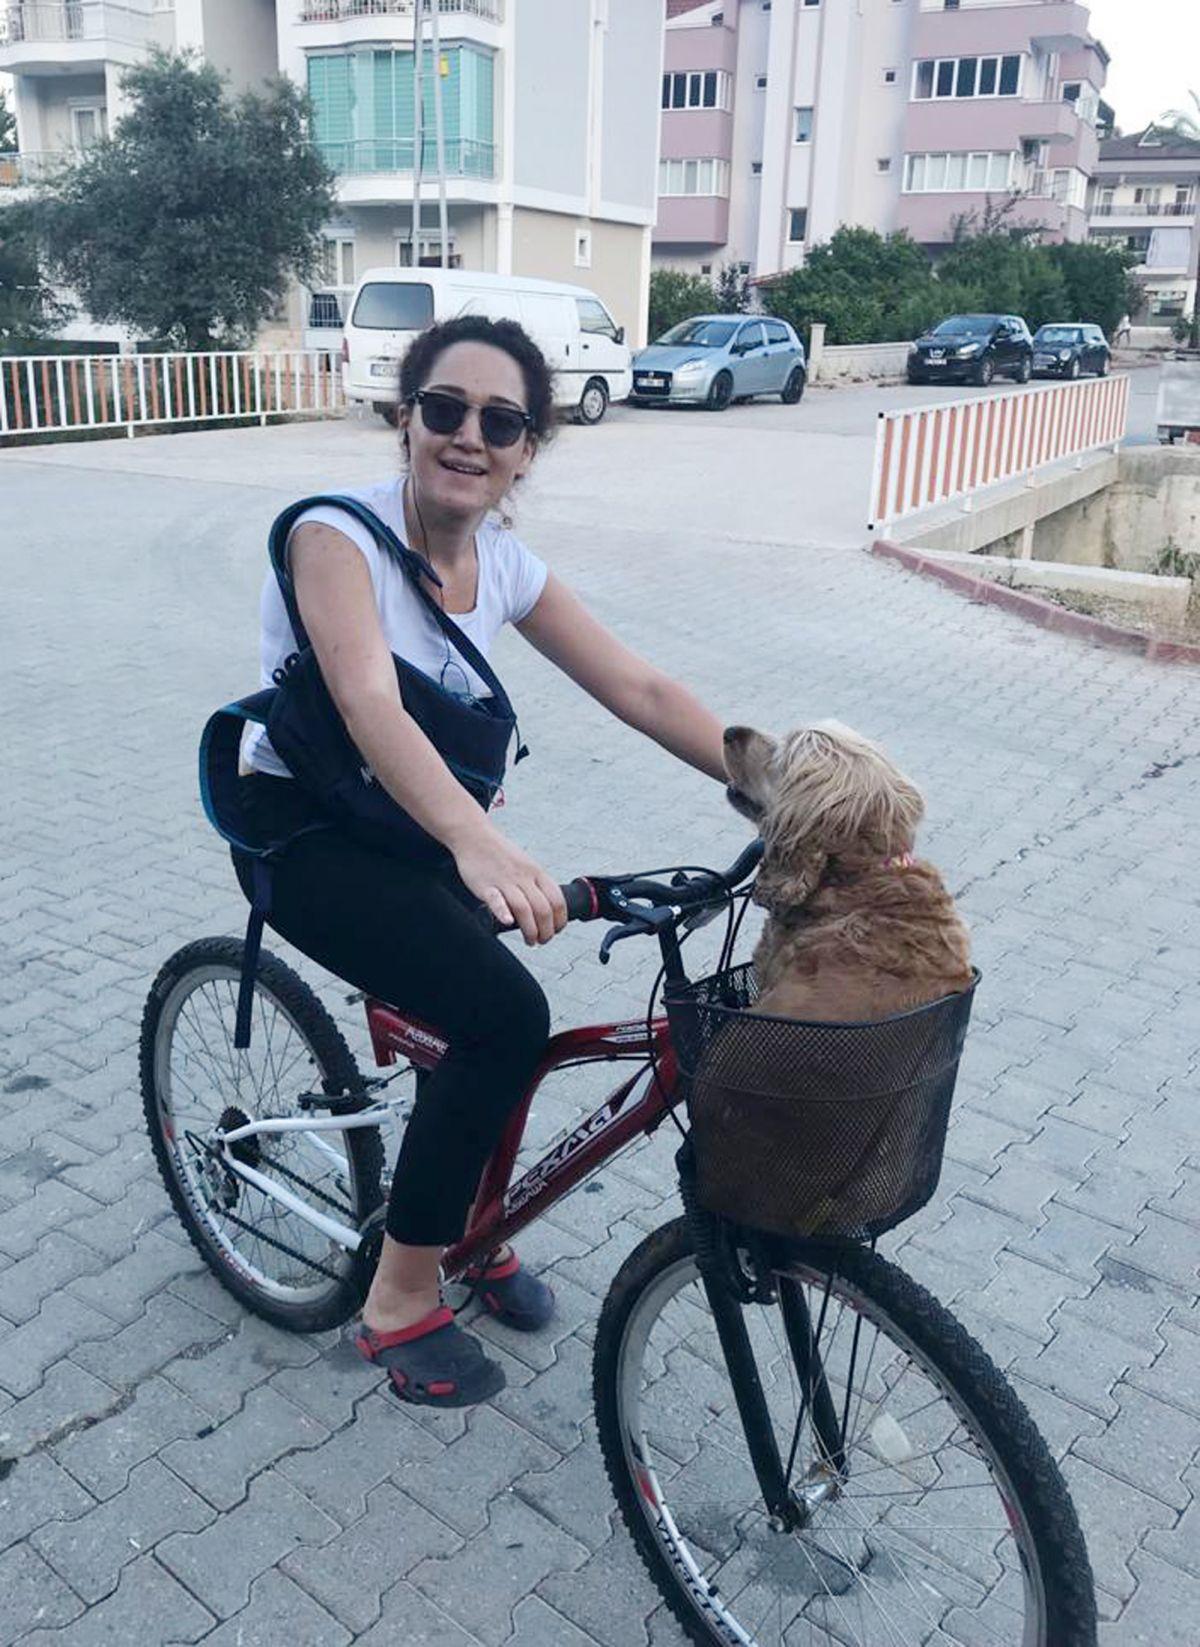 Antalya daki köpek, artık yaşamadığı evden uzaklaştırıldı #1